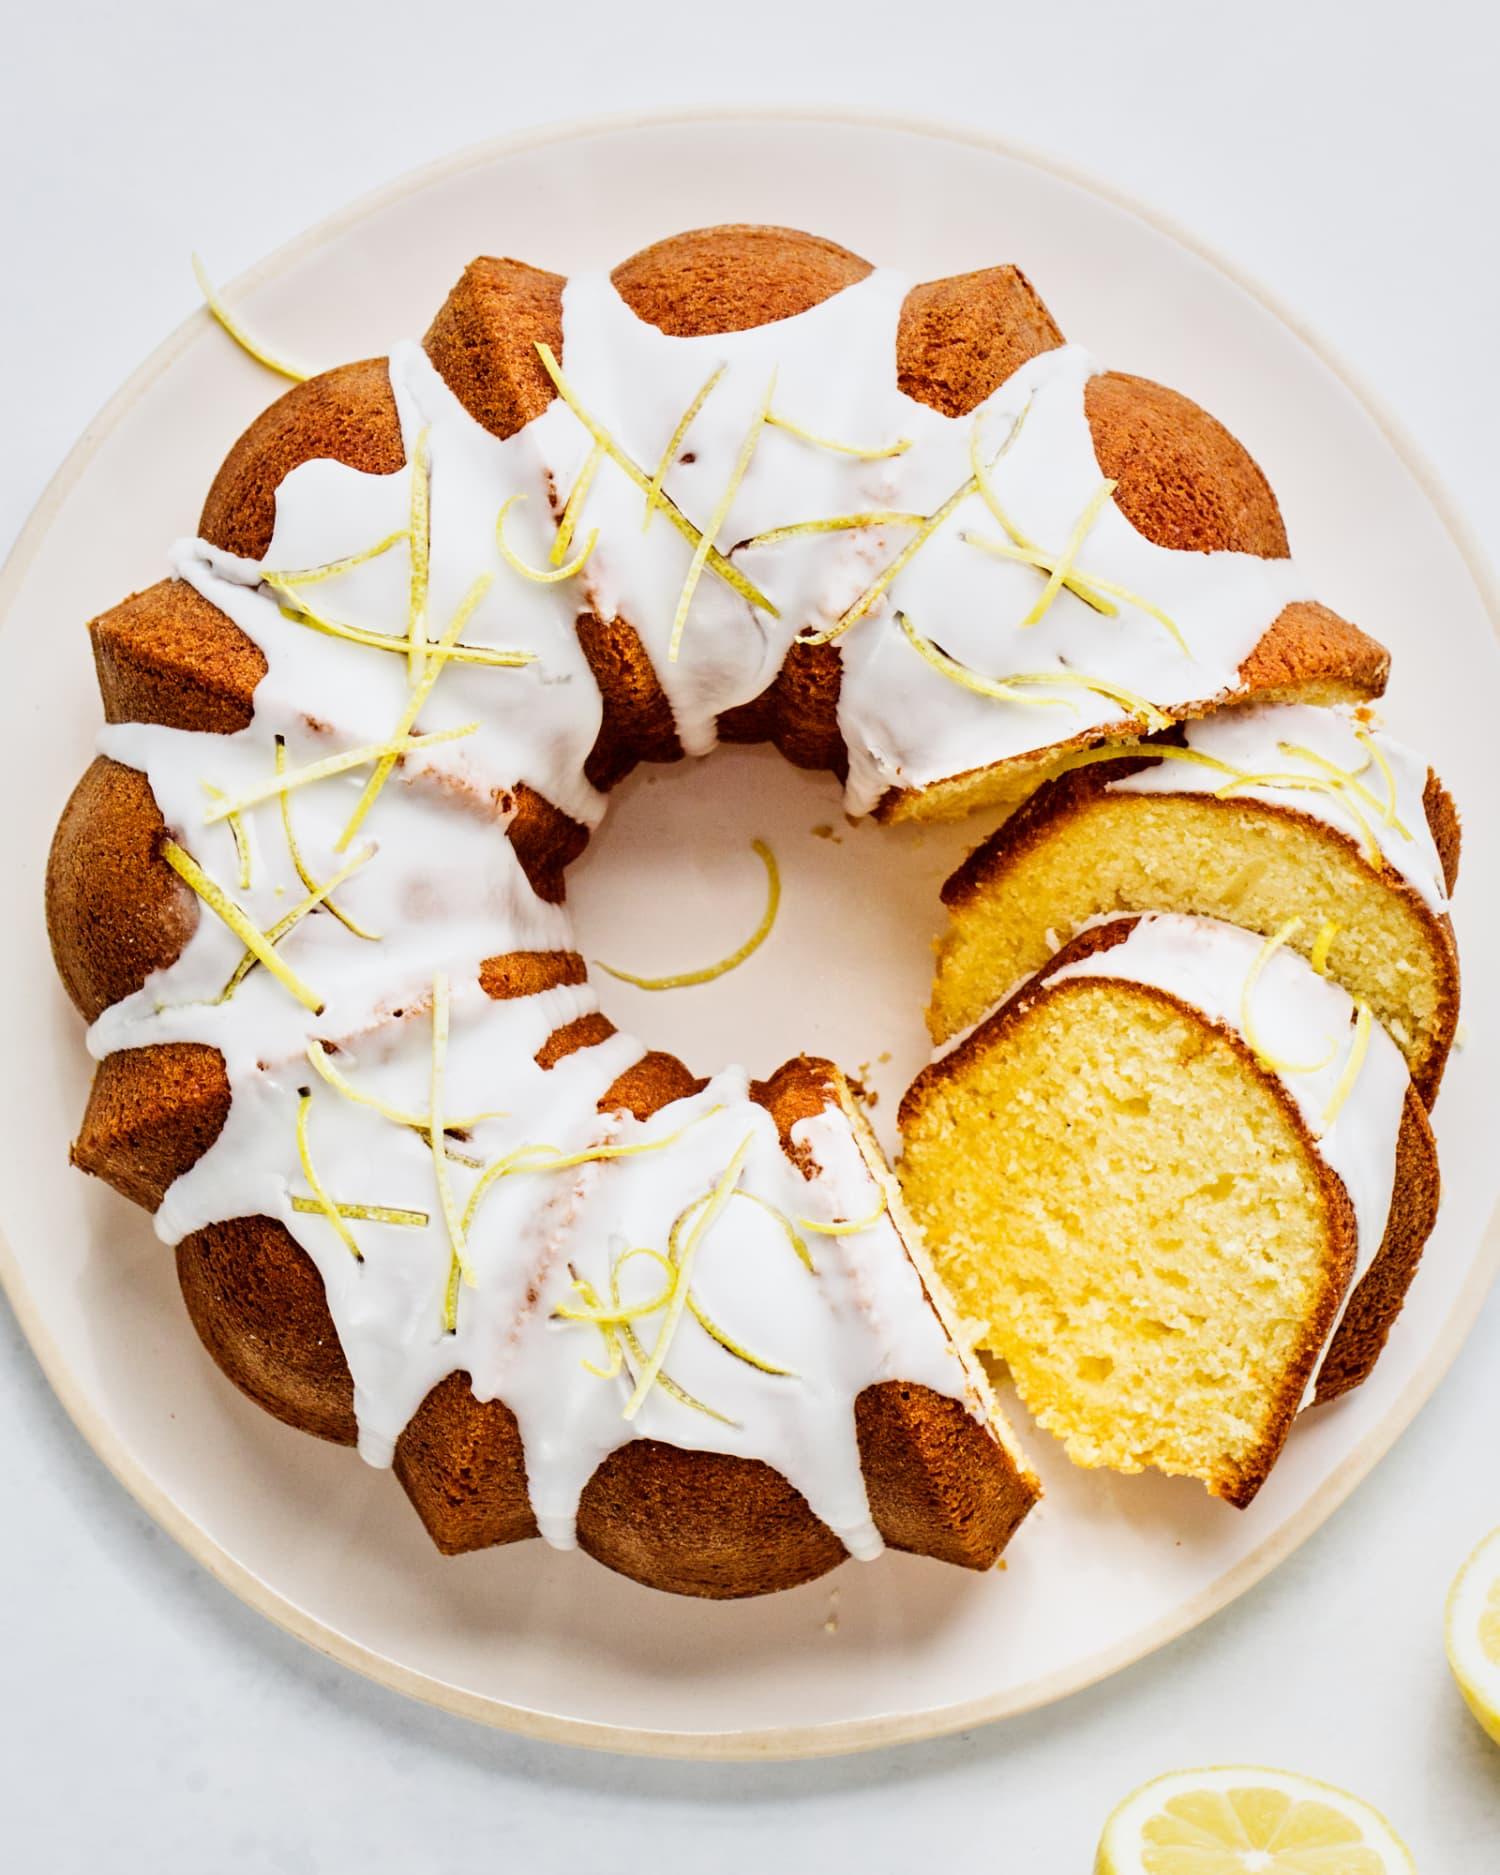 Recipe: Easy Lemon Bundt Cake with Fresh Lemon Glaze